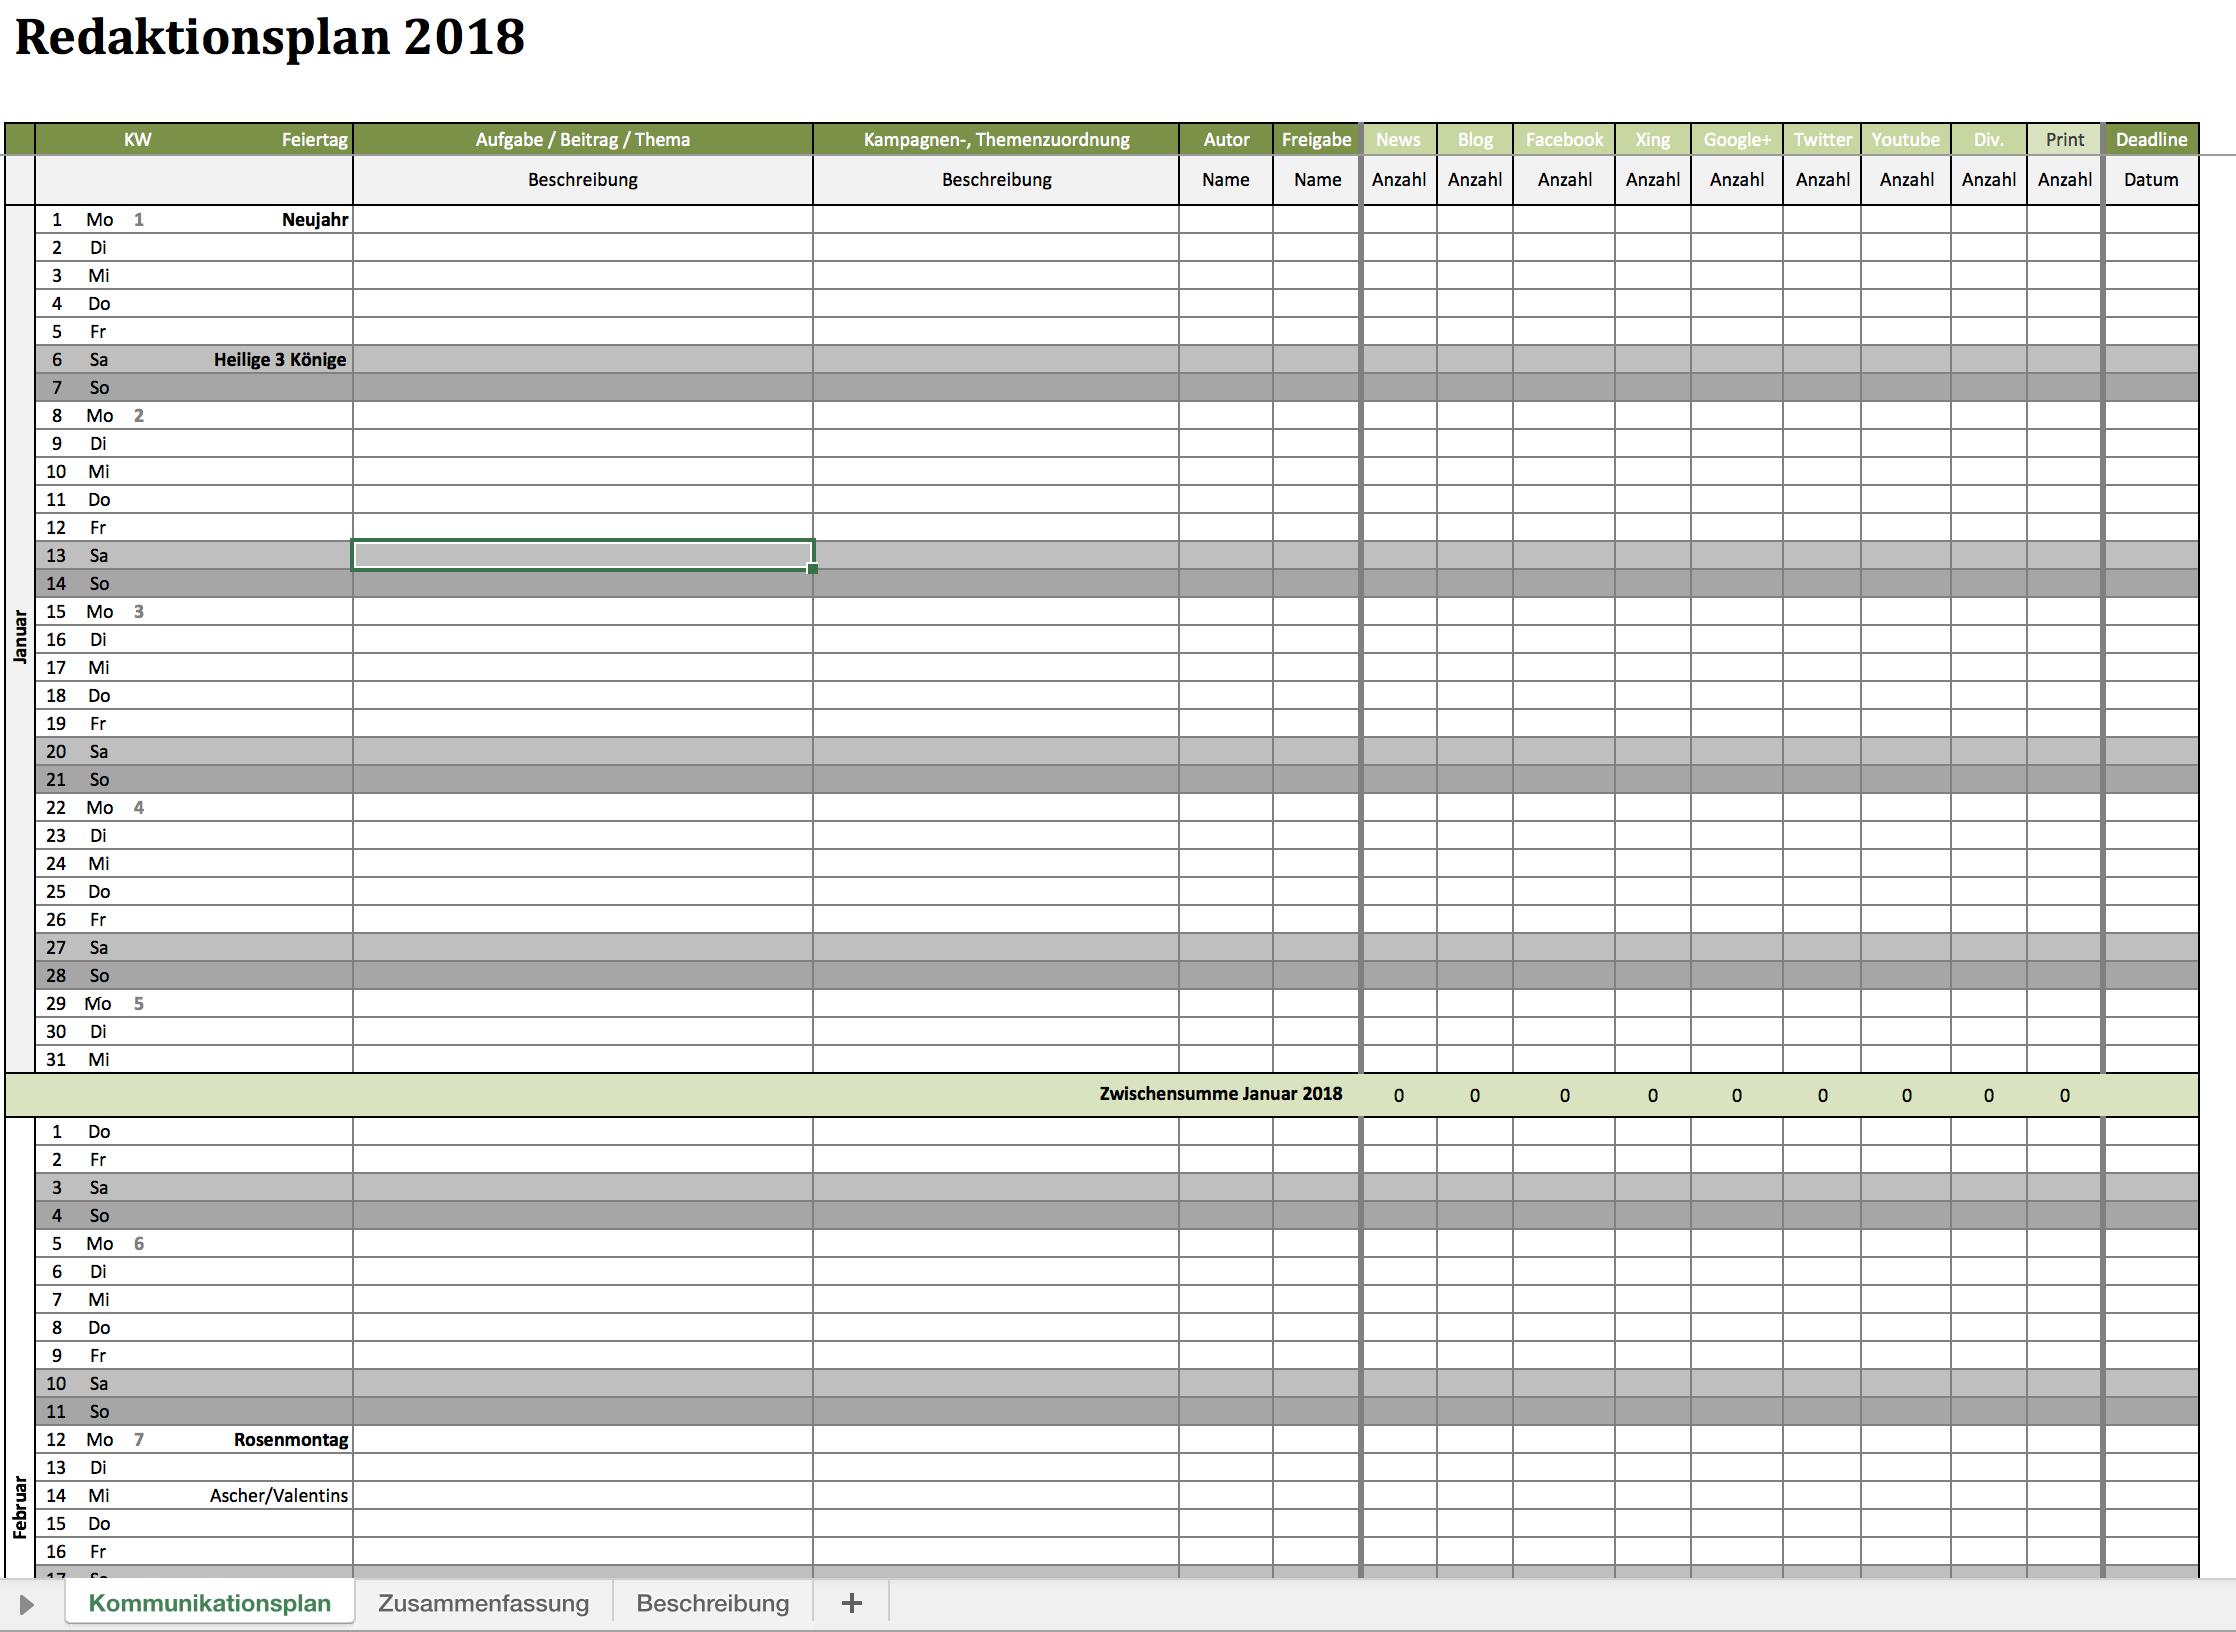 Kostenloser Redaktionsplan für 2018 | Excel Vorlagen für jeden Zweck